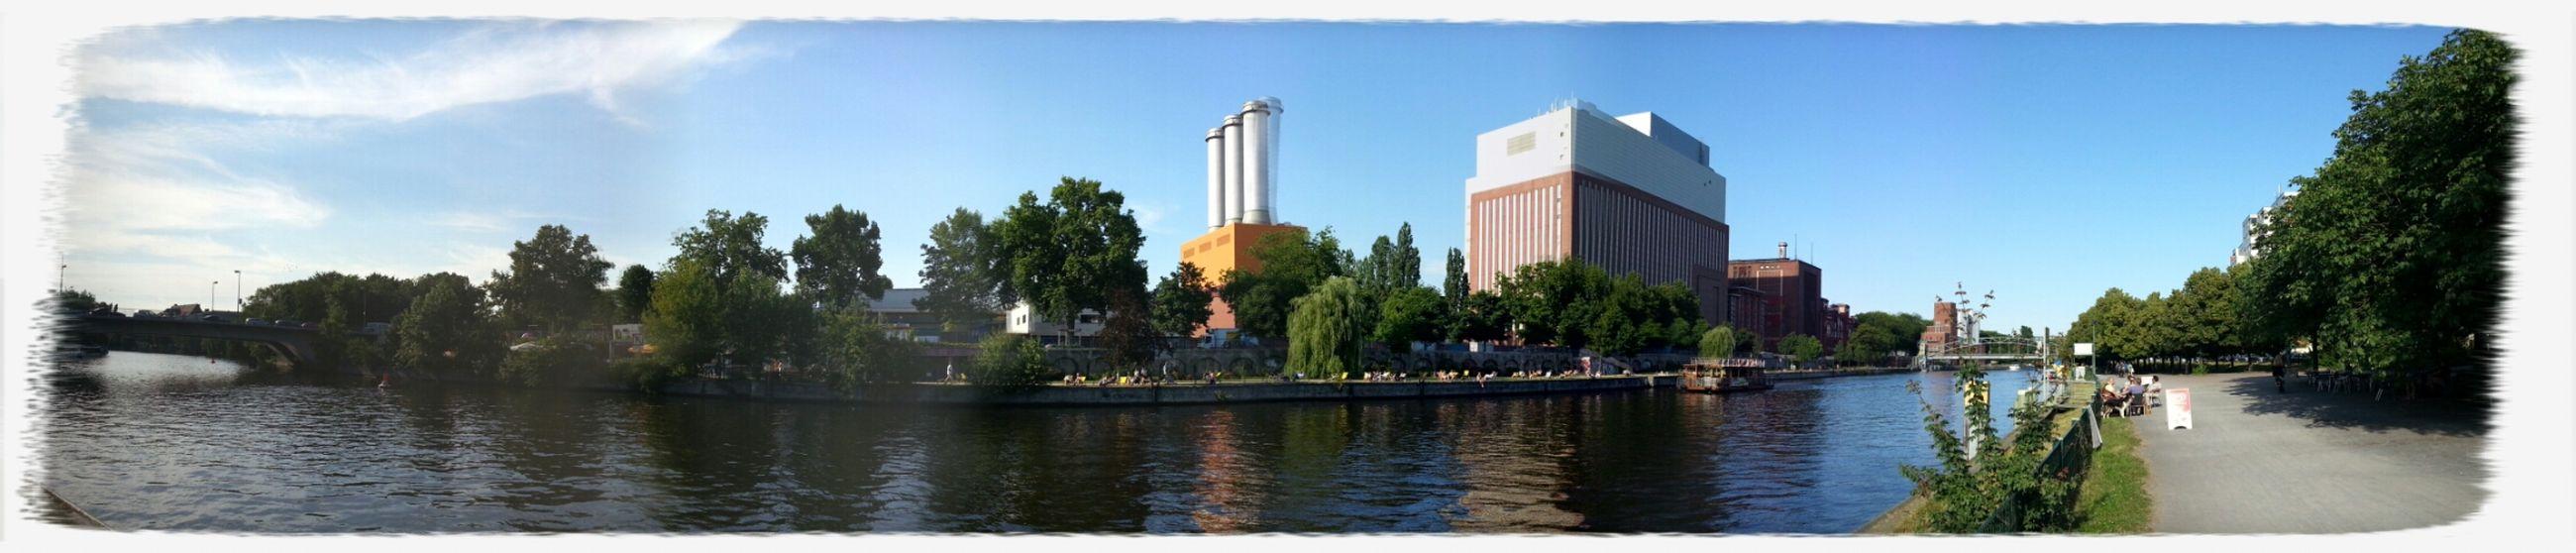 Gegenüber vom CapRivi mit Blick auf das Heizkraftwerk  Charlottenburg. Panorama Spree